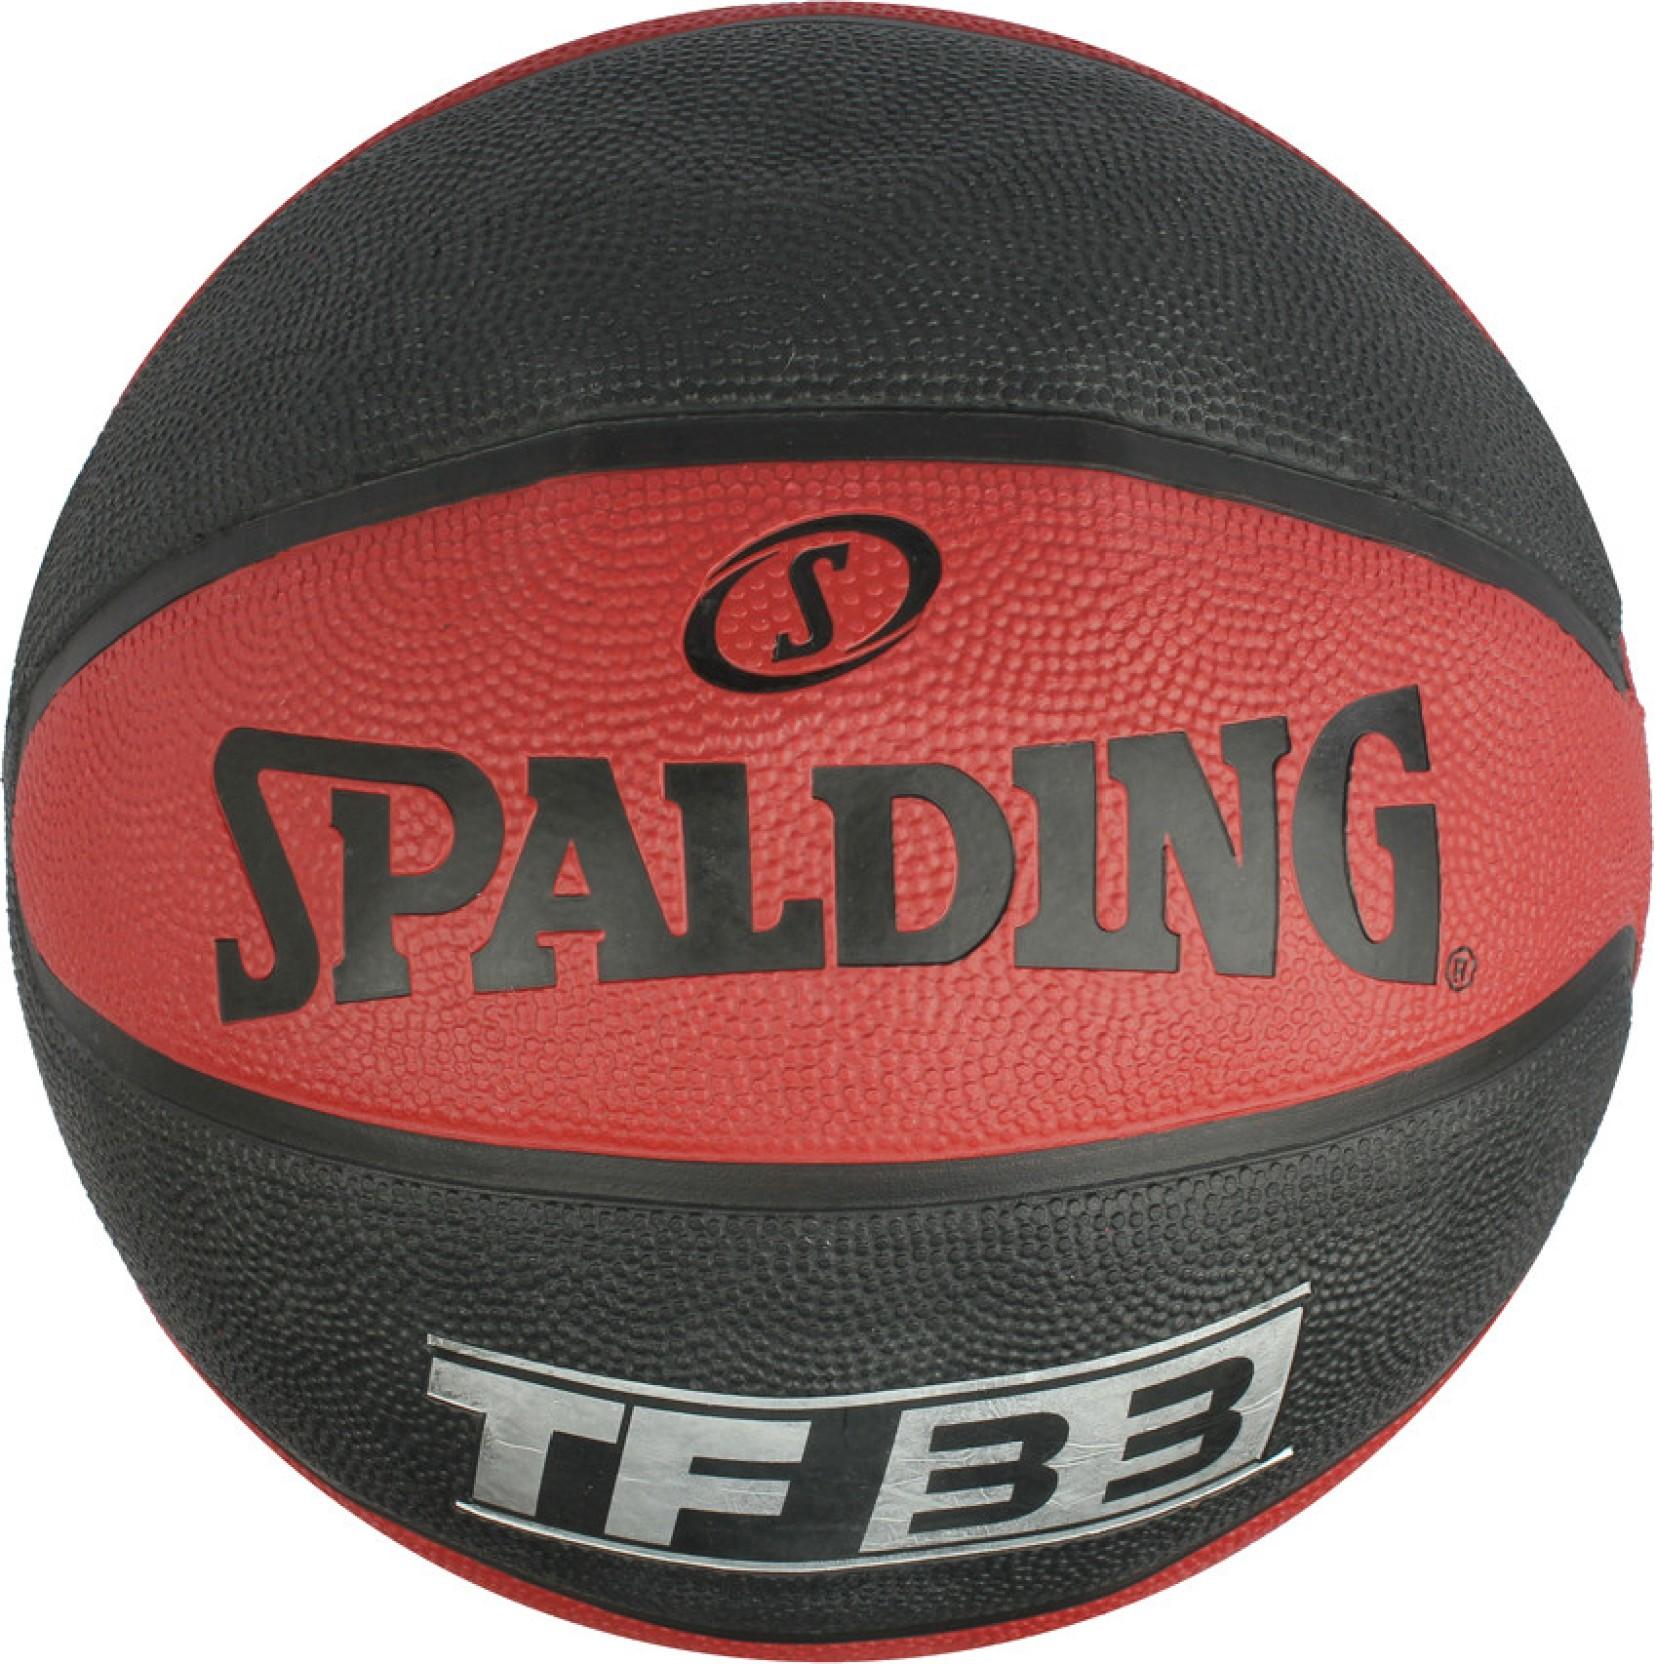 spalding tf 33 basketball size 7 buy spalding tf 33. Black Bedroom Furniture Sets. Home Design Ideas